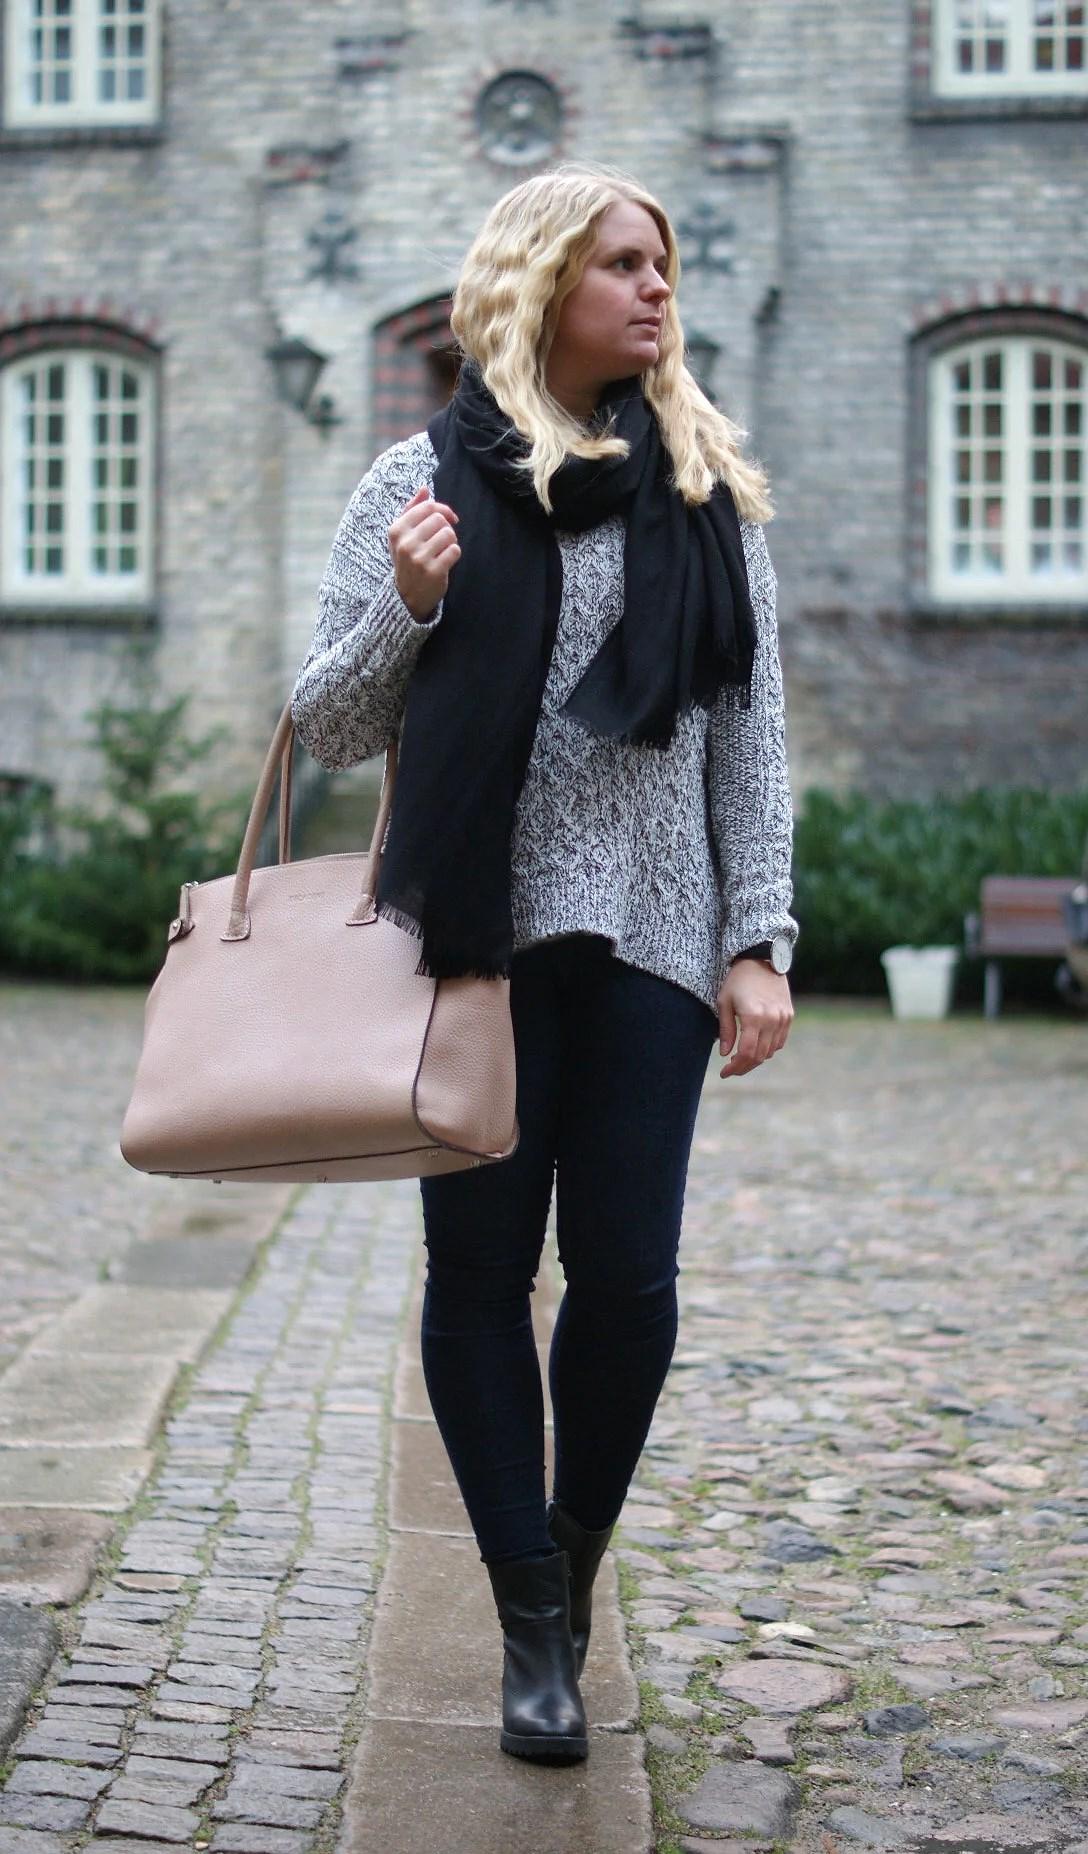 It's My Passions, Dansk modeblog, populær modeblog, Julie Mænnchen, Aalborg blog